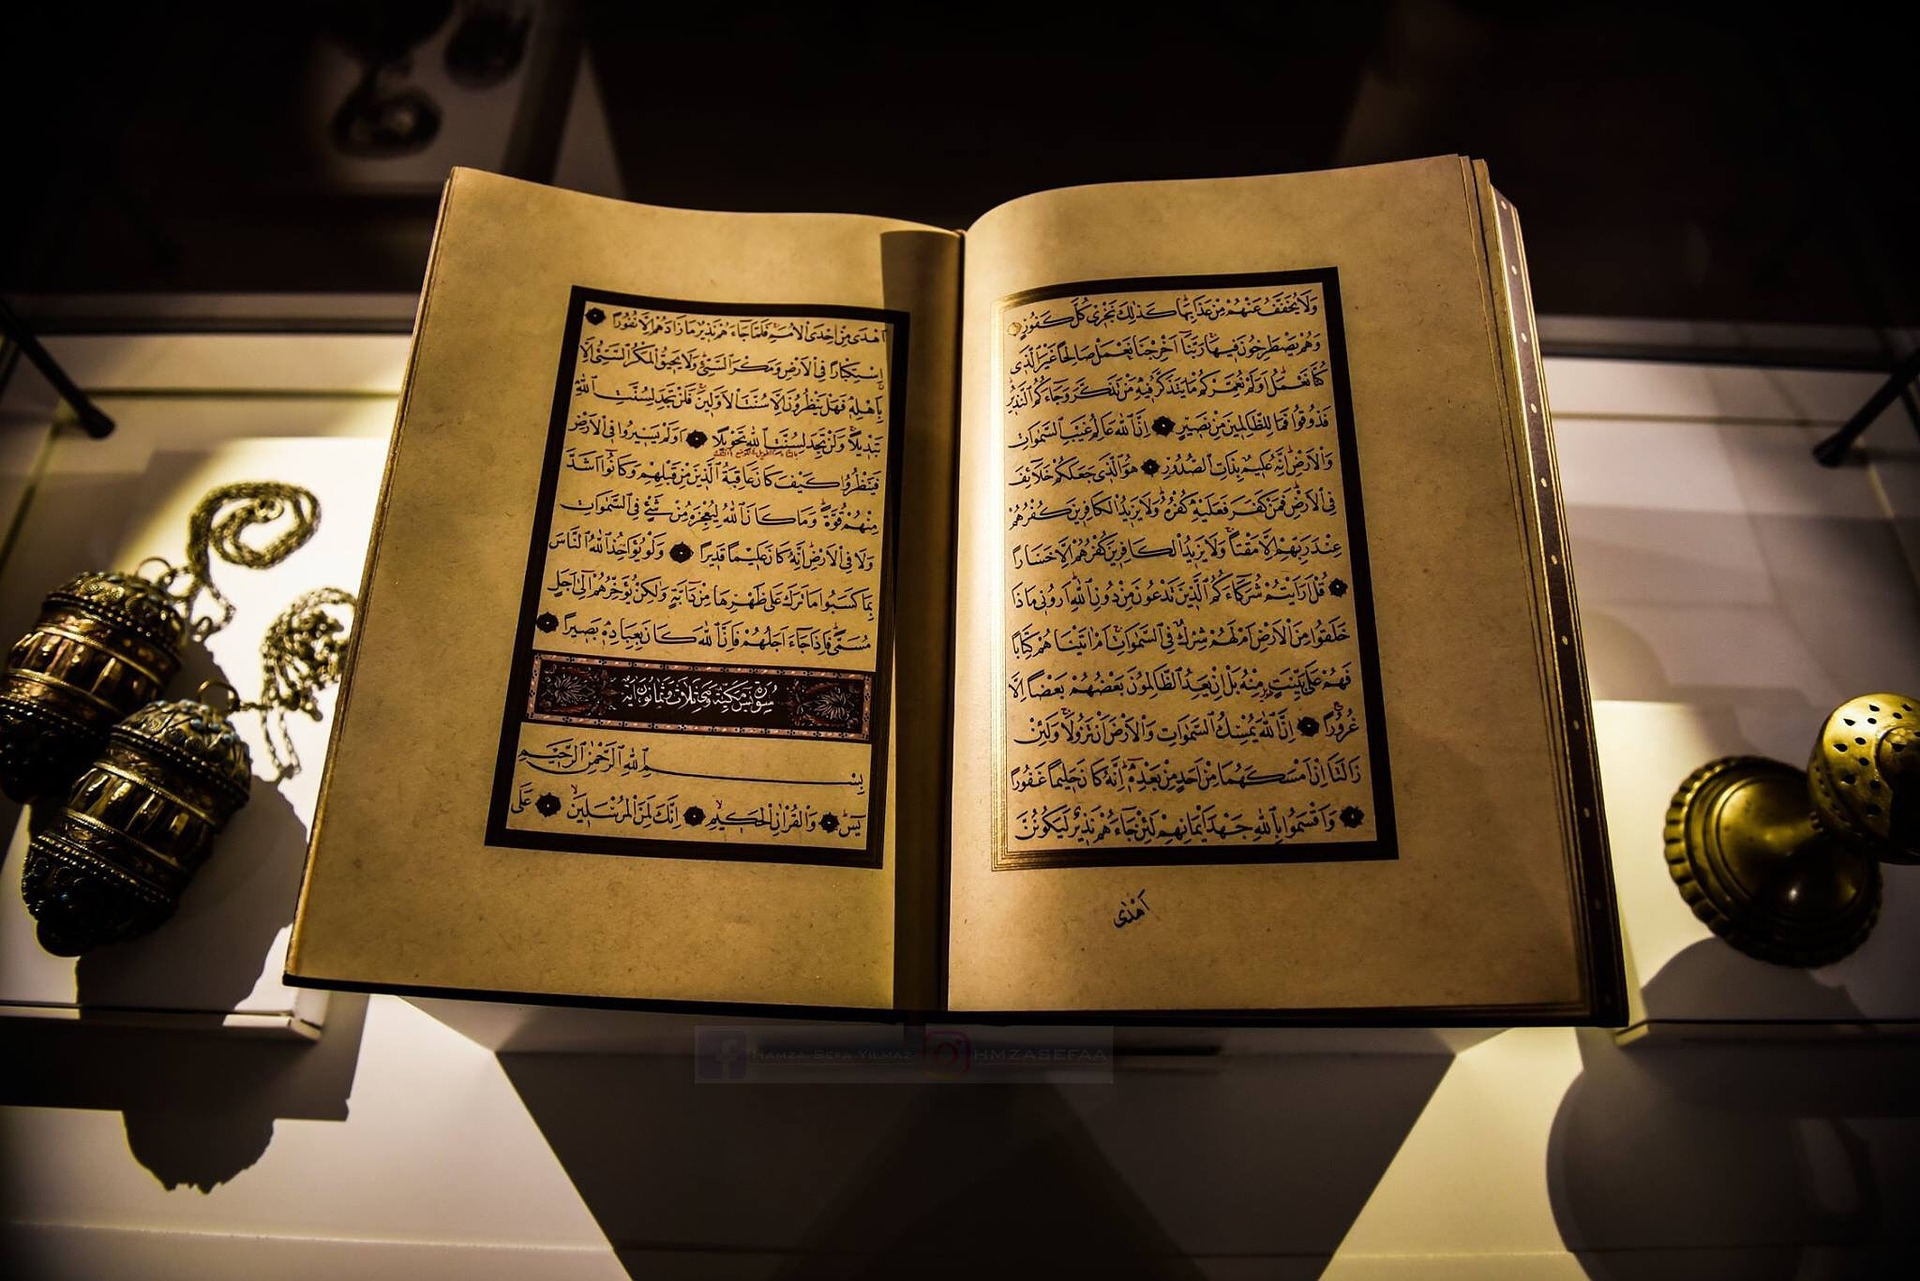 Cele mai citite cărţi din toate timpurile – Coranul